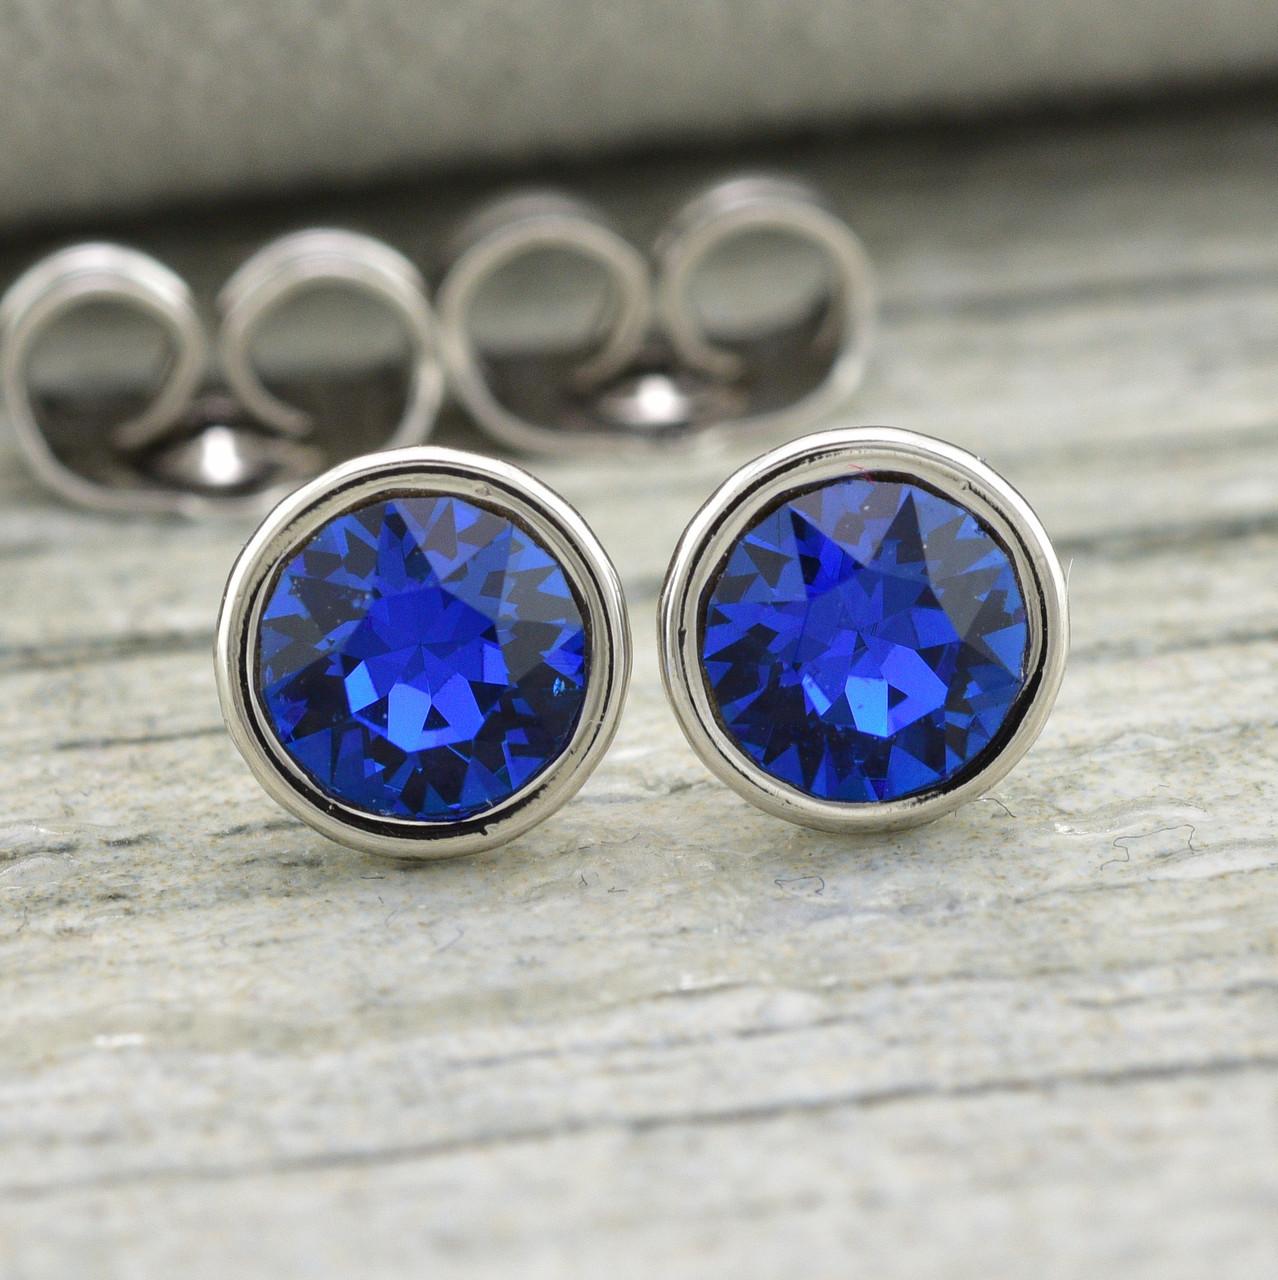 Серьги Xuping с кристаллами Swarovski 21420БЗ размер 7х7 мм цвет синий позолота Белое Золото